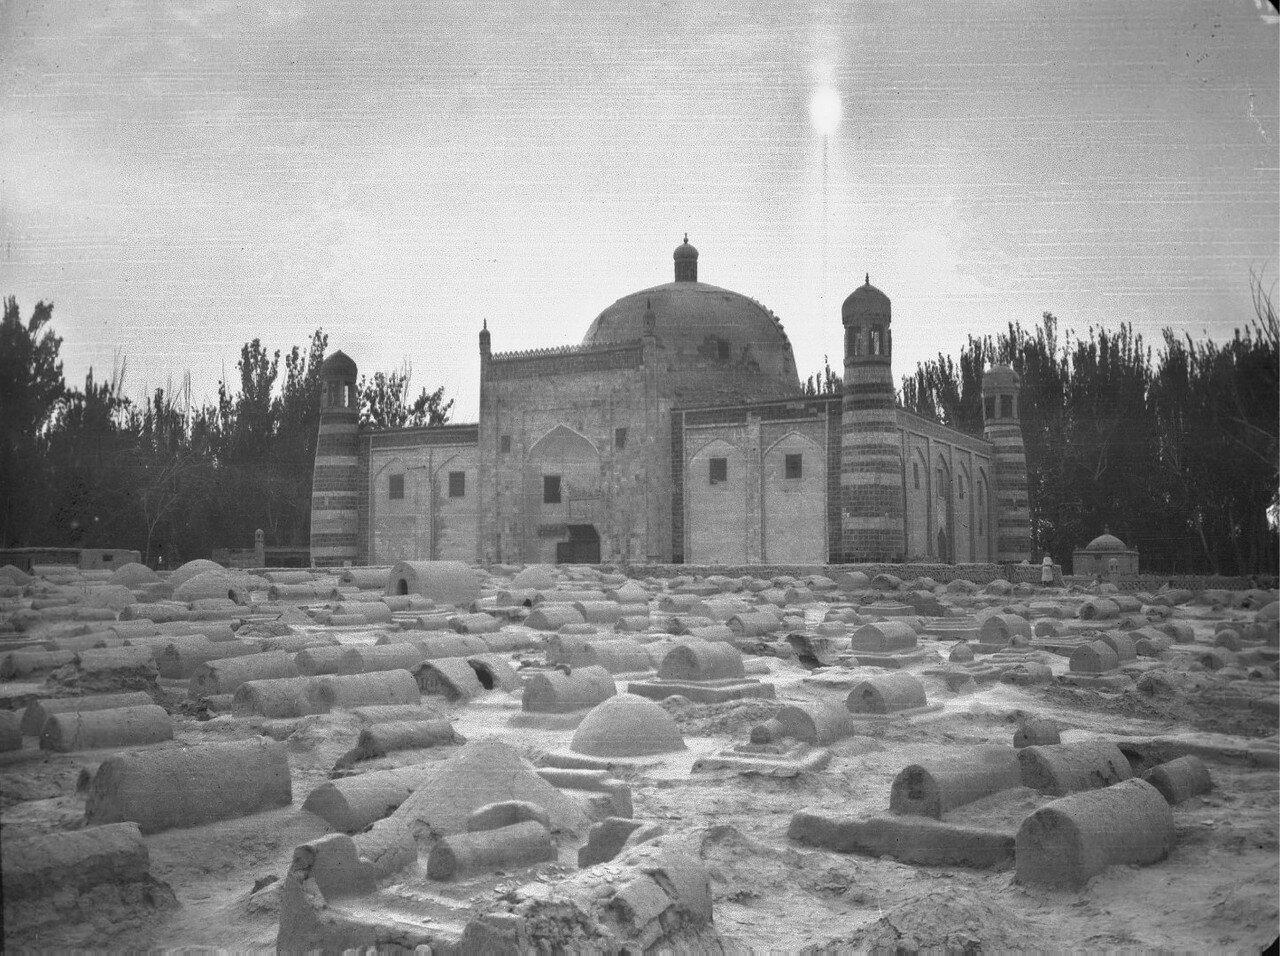 Окрестности Кашгара. Мечеть и могилы возле Кашгара